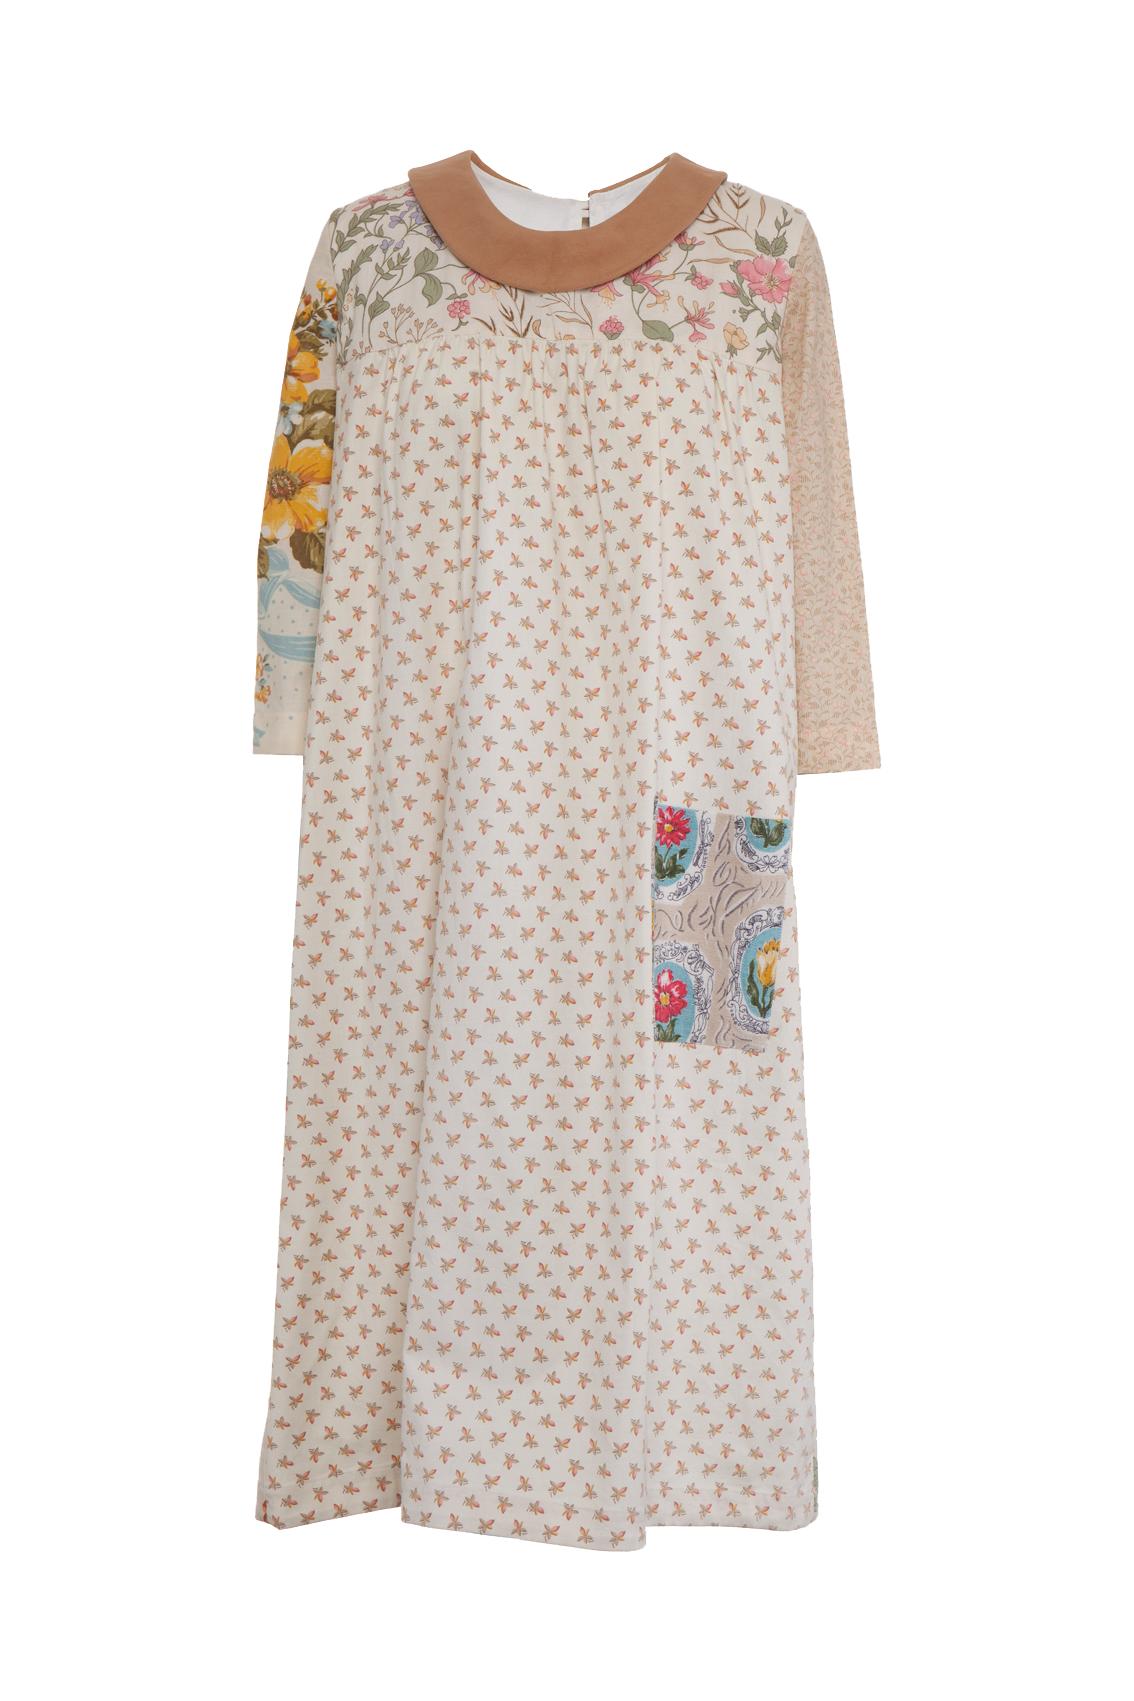 LU FLUX | PEARLIE DRESS | GEES BEND